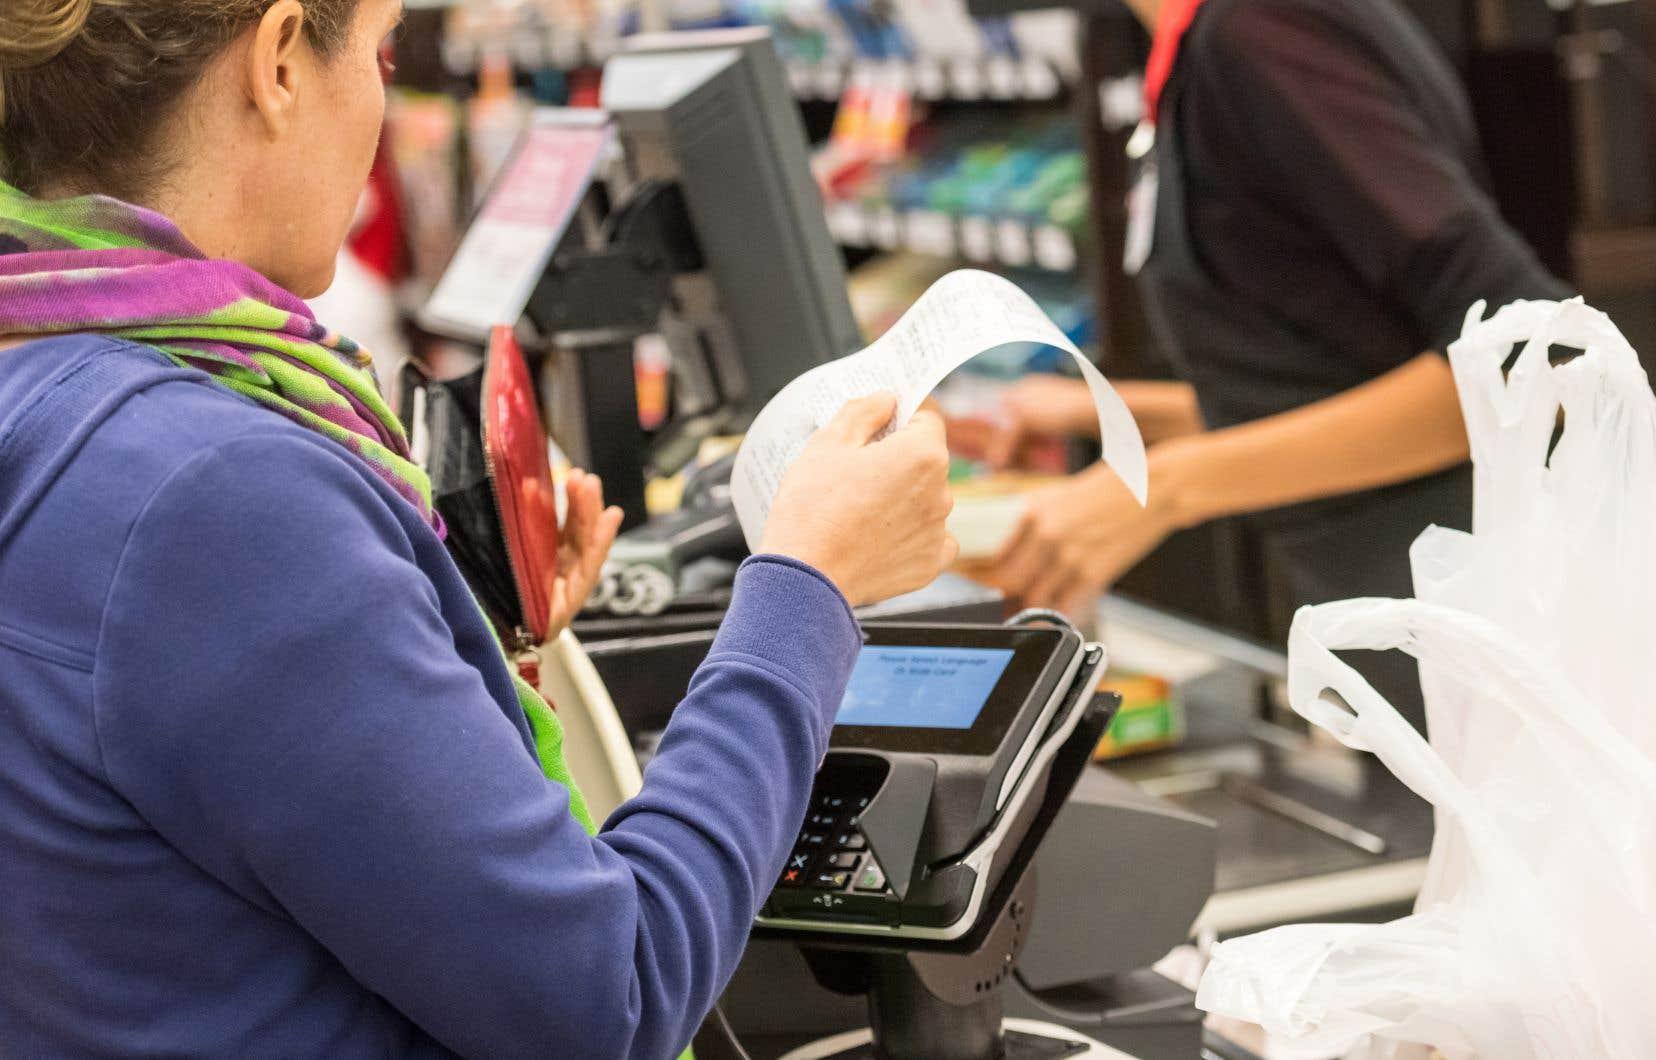 L'indice des prix à la consommation affichait une hausse de 2% d'une année à l'autre en juillet, une progression identique à celle mesurée en juin.